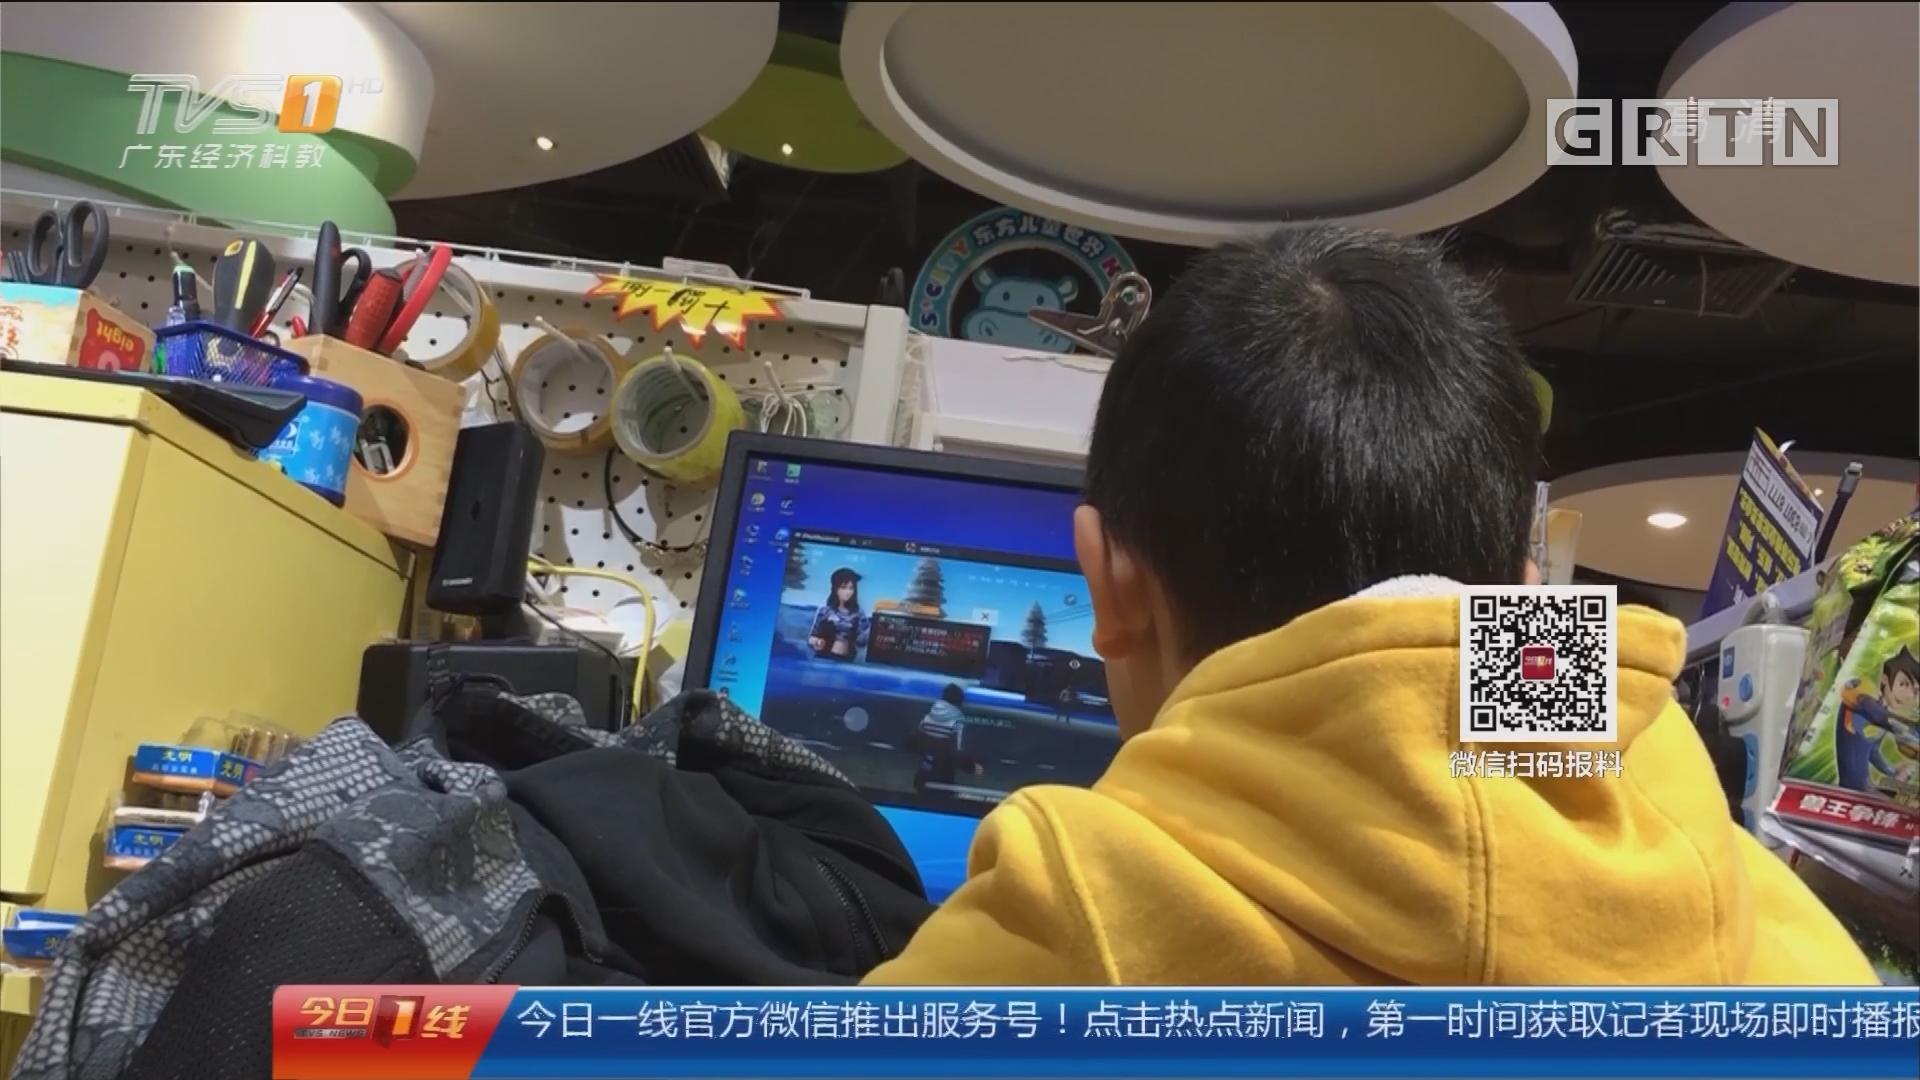 """佛山禅城:玩具店""""别有洞天"""" 孩子沉迷网游"""